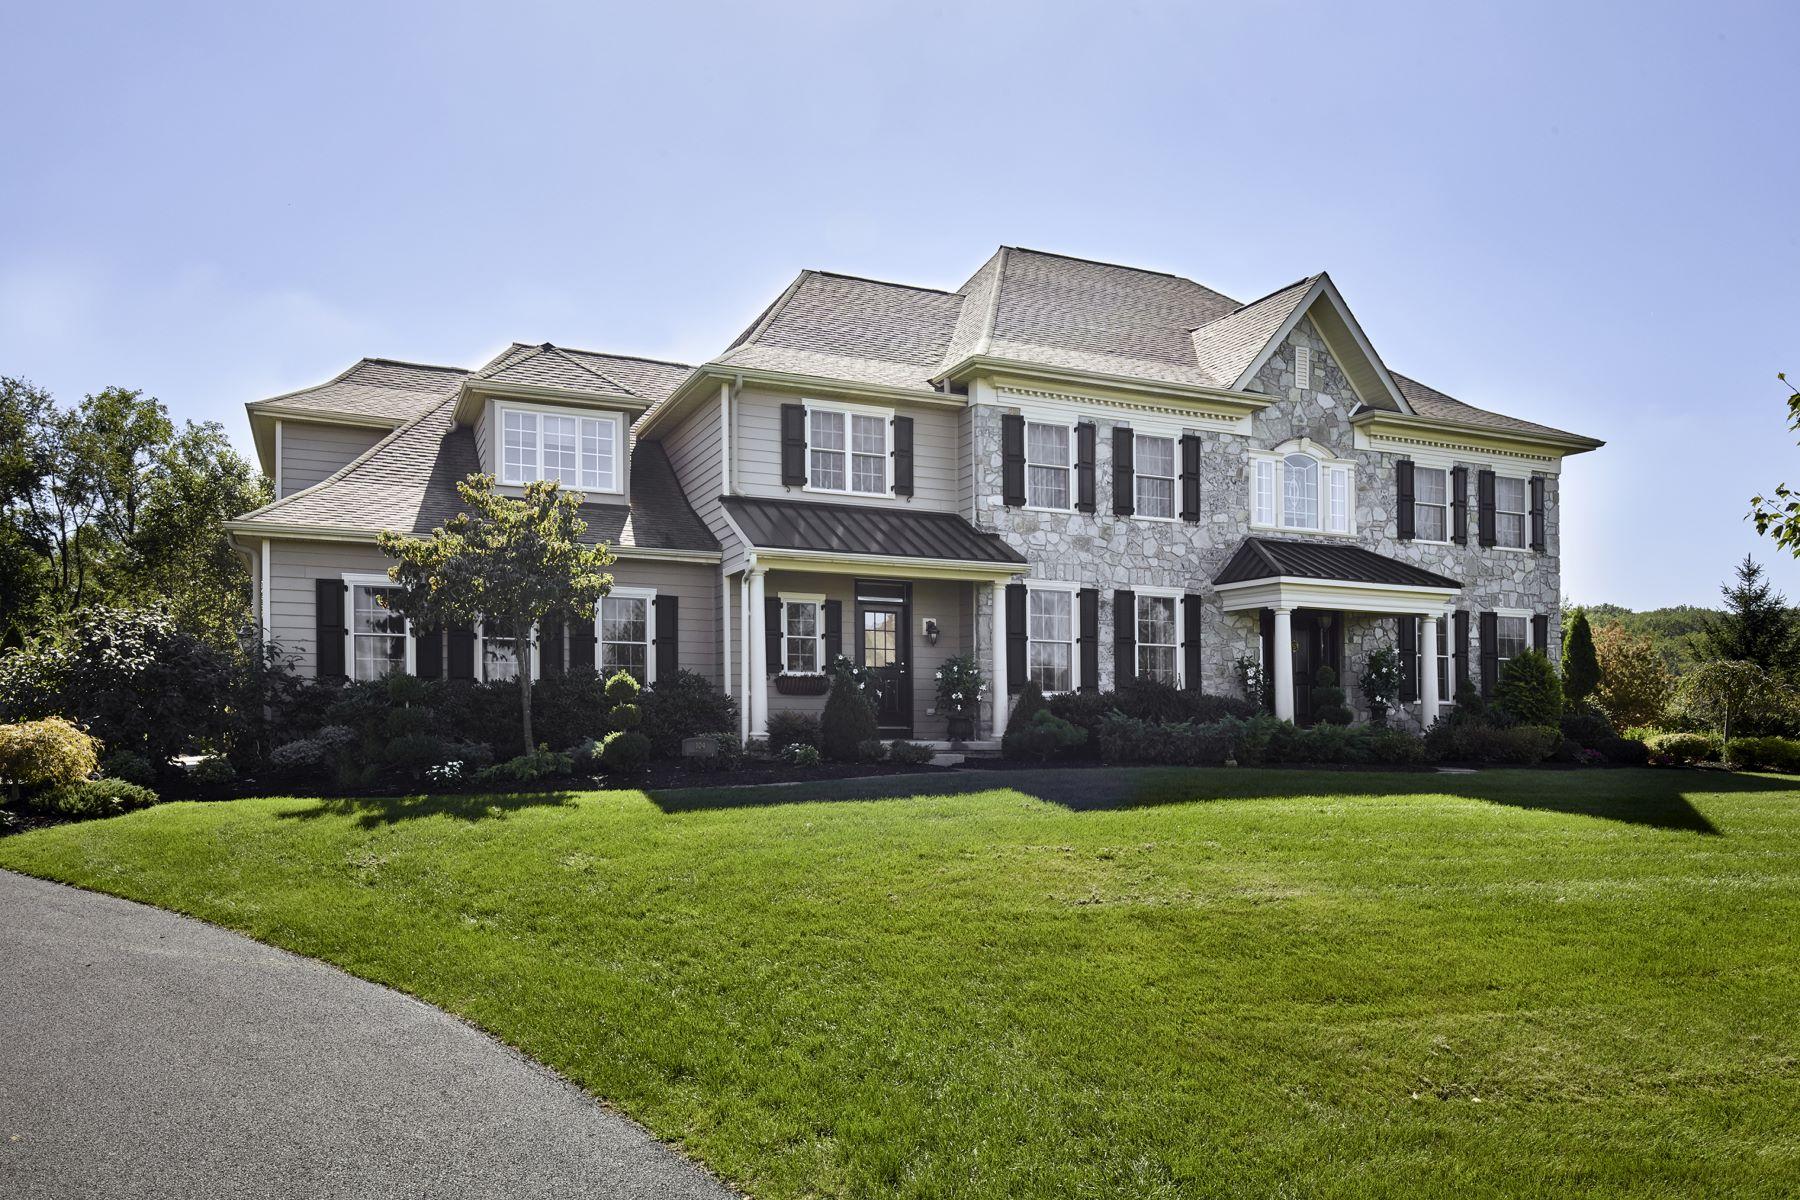 独户住宅 为 销售 在 104 Waverly Cir 菲尼克斯维尔, 宾夕法尼亚州 19460 美国